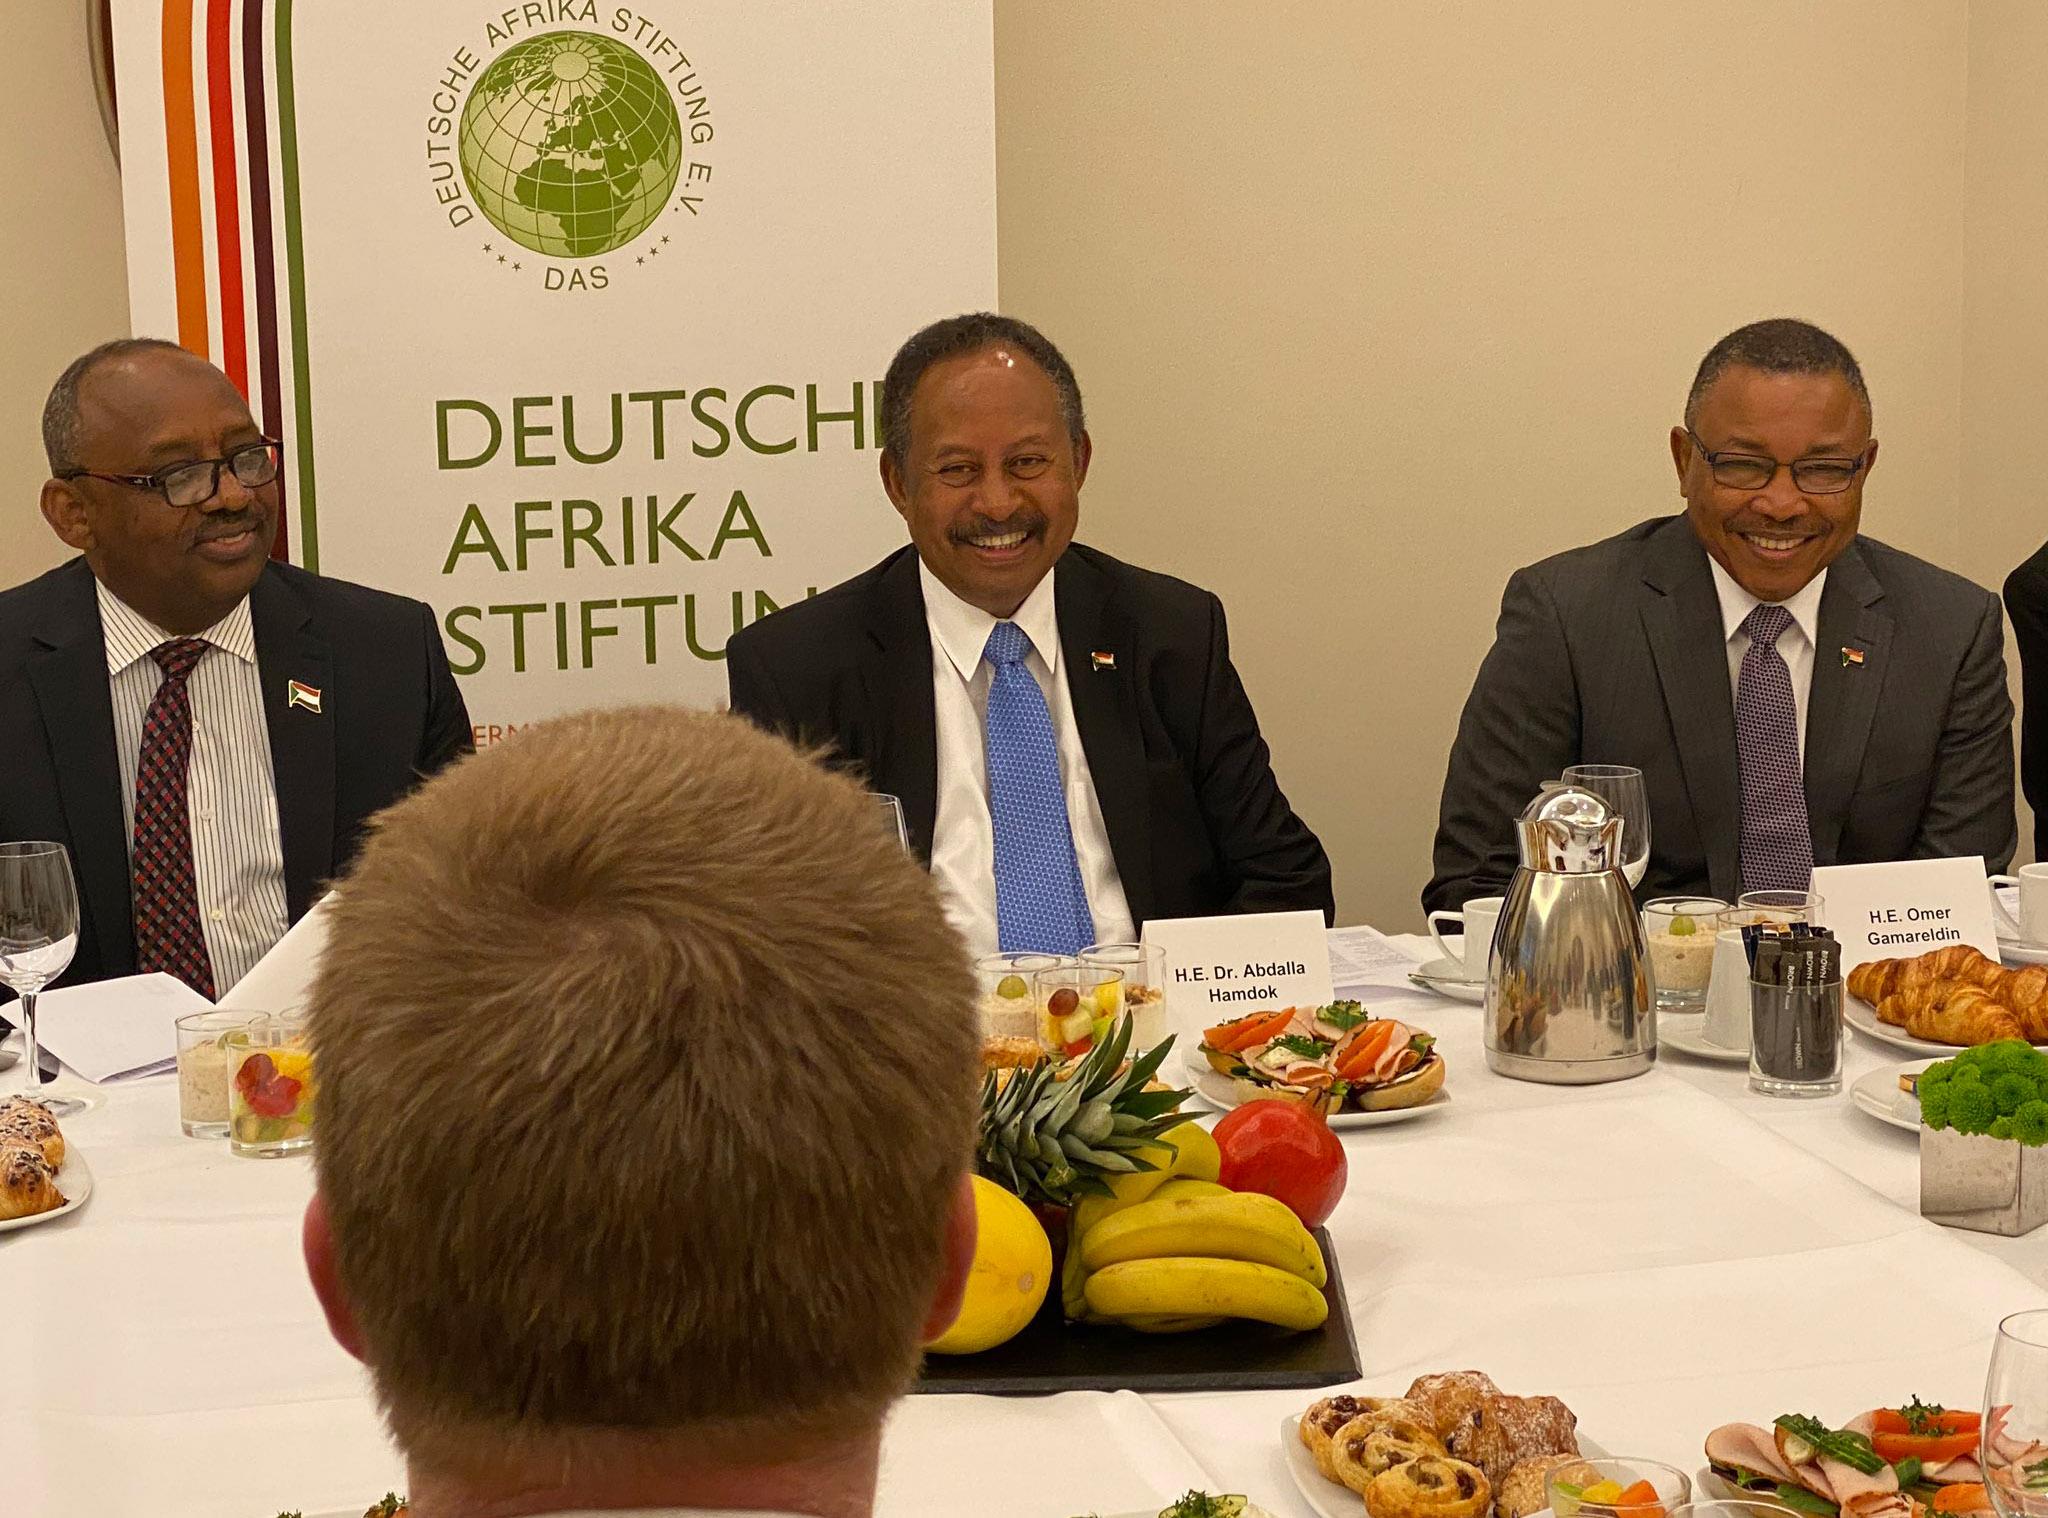 Deutsche Afrika Stiftung